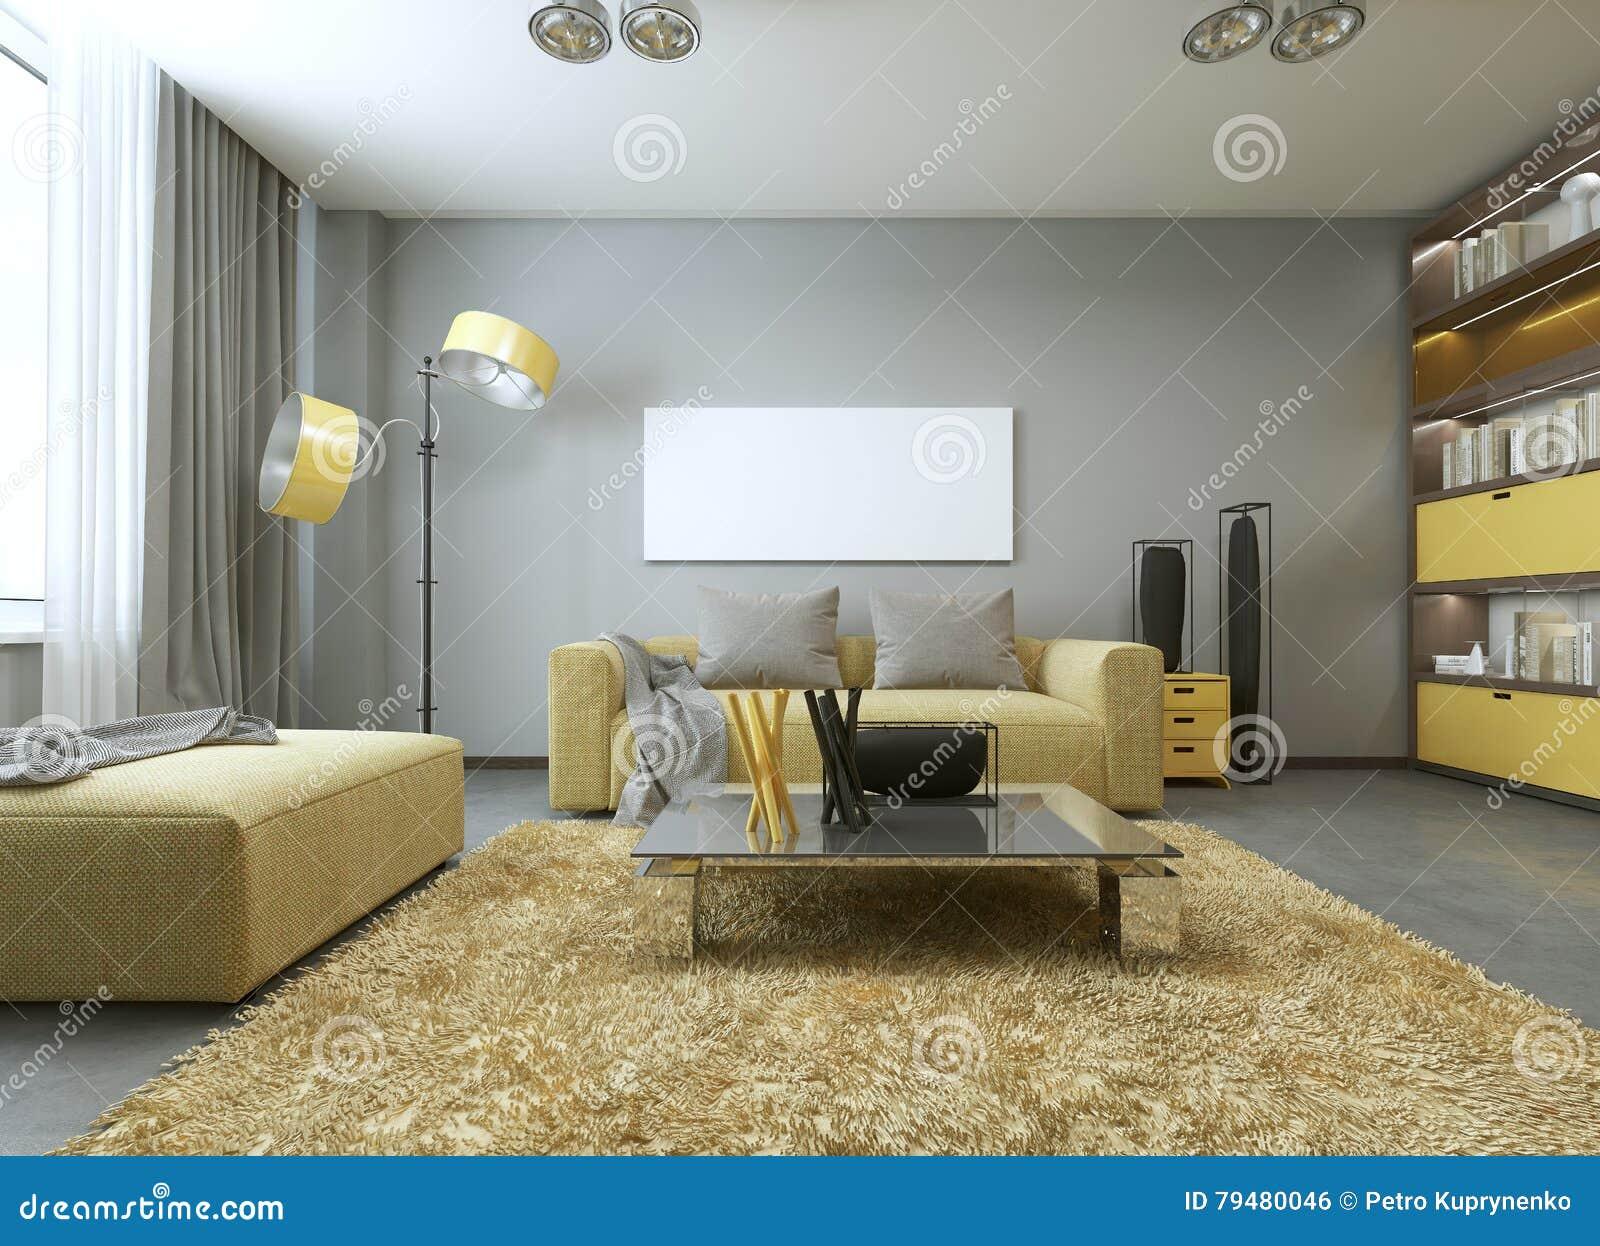 Gelbes Sofa Im Modernen Wohnzimmer Stock Abbildung - Illustration ...